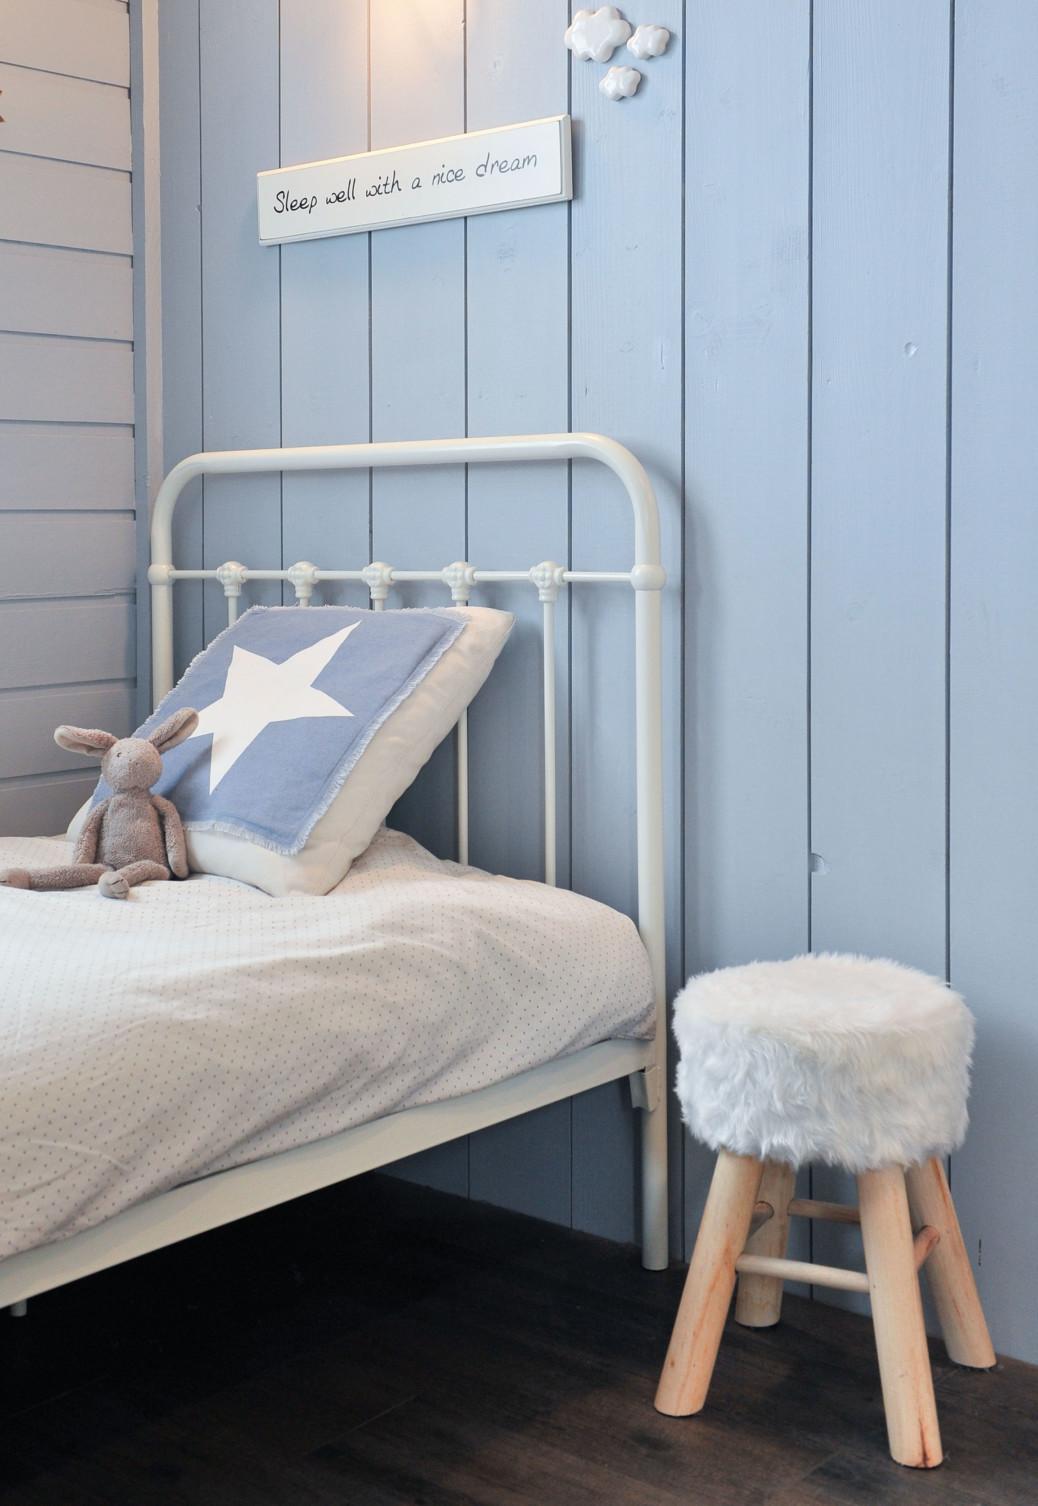 Astuce une chambre en plus la maison la maison bliss for Une chambre en plus